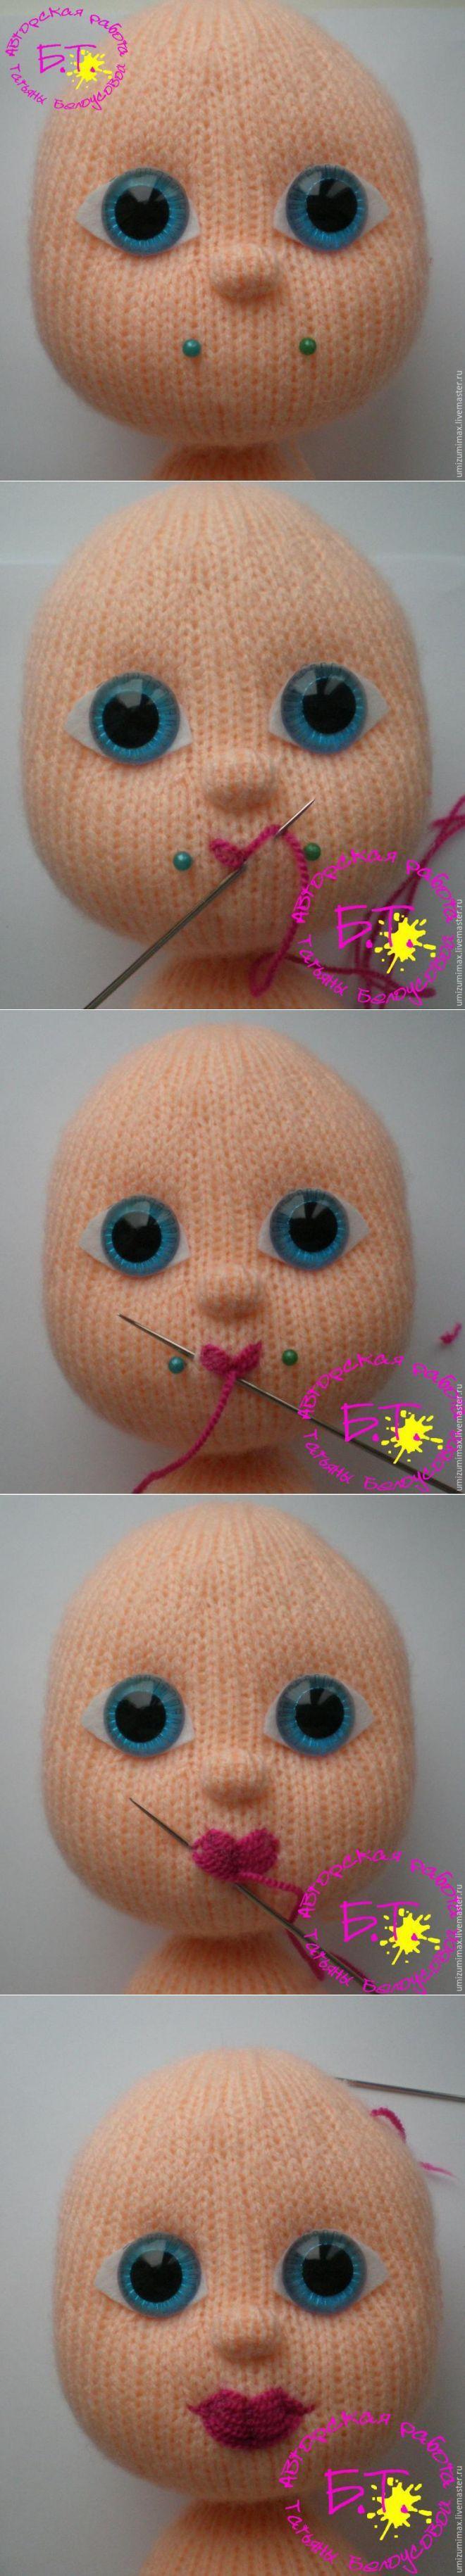 Cómo coser una muñeca de los labios del arco de punto - en sí mago